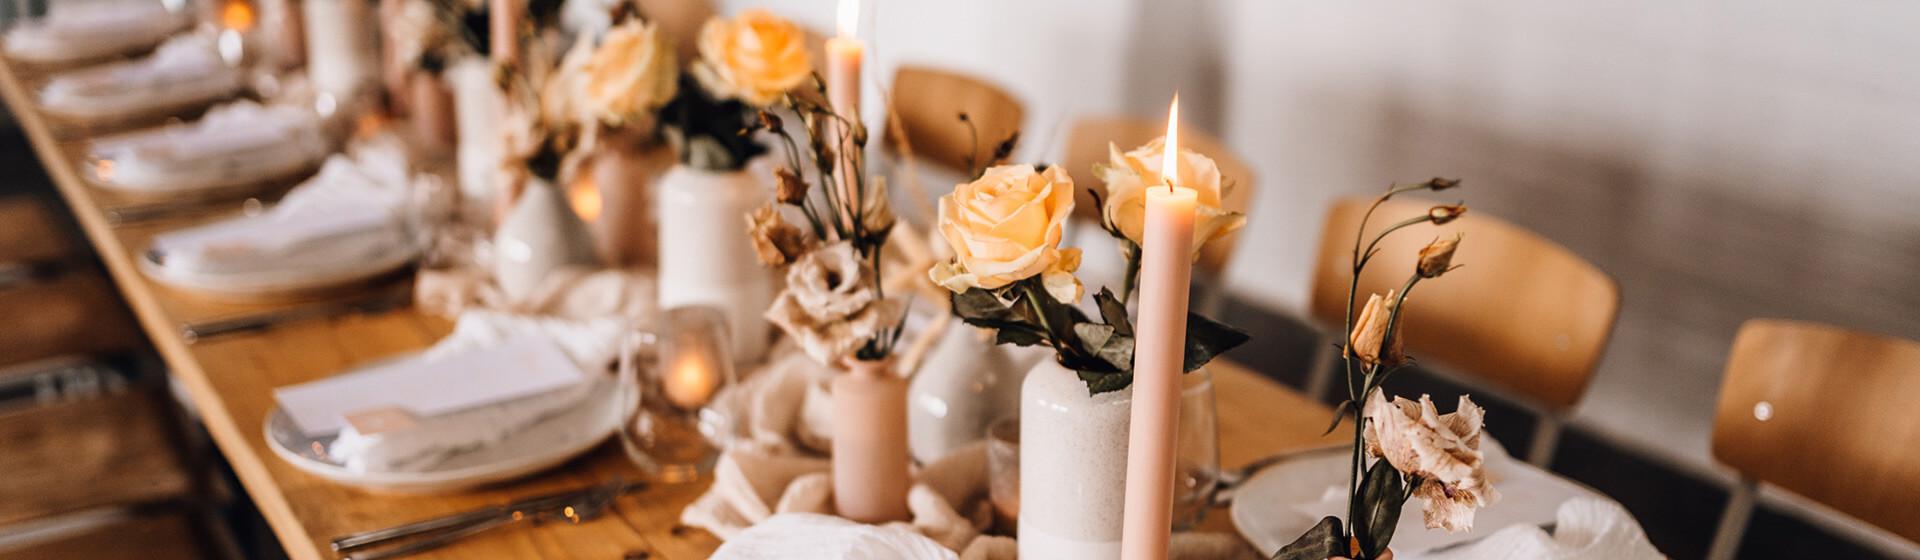 pfirsichfarben gedeckter Tisch mit Rosen und Kerzen